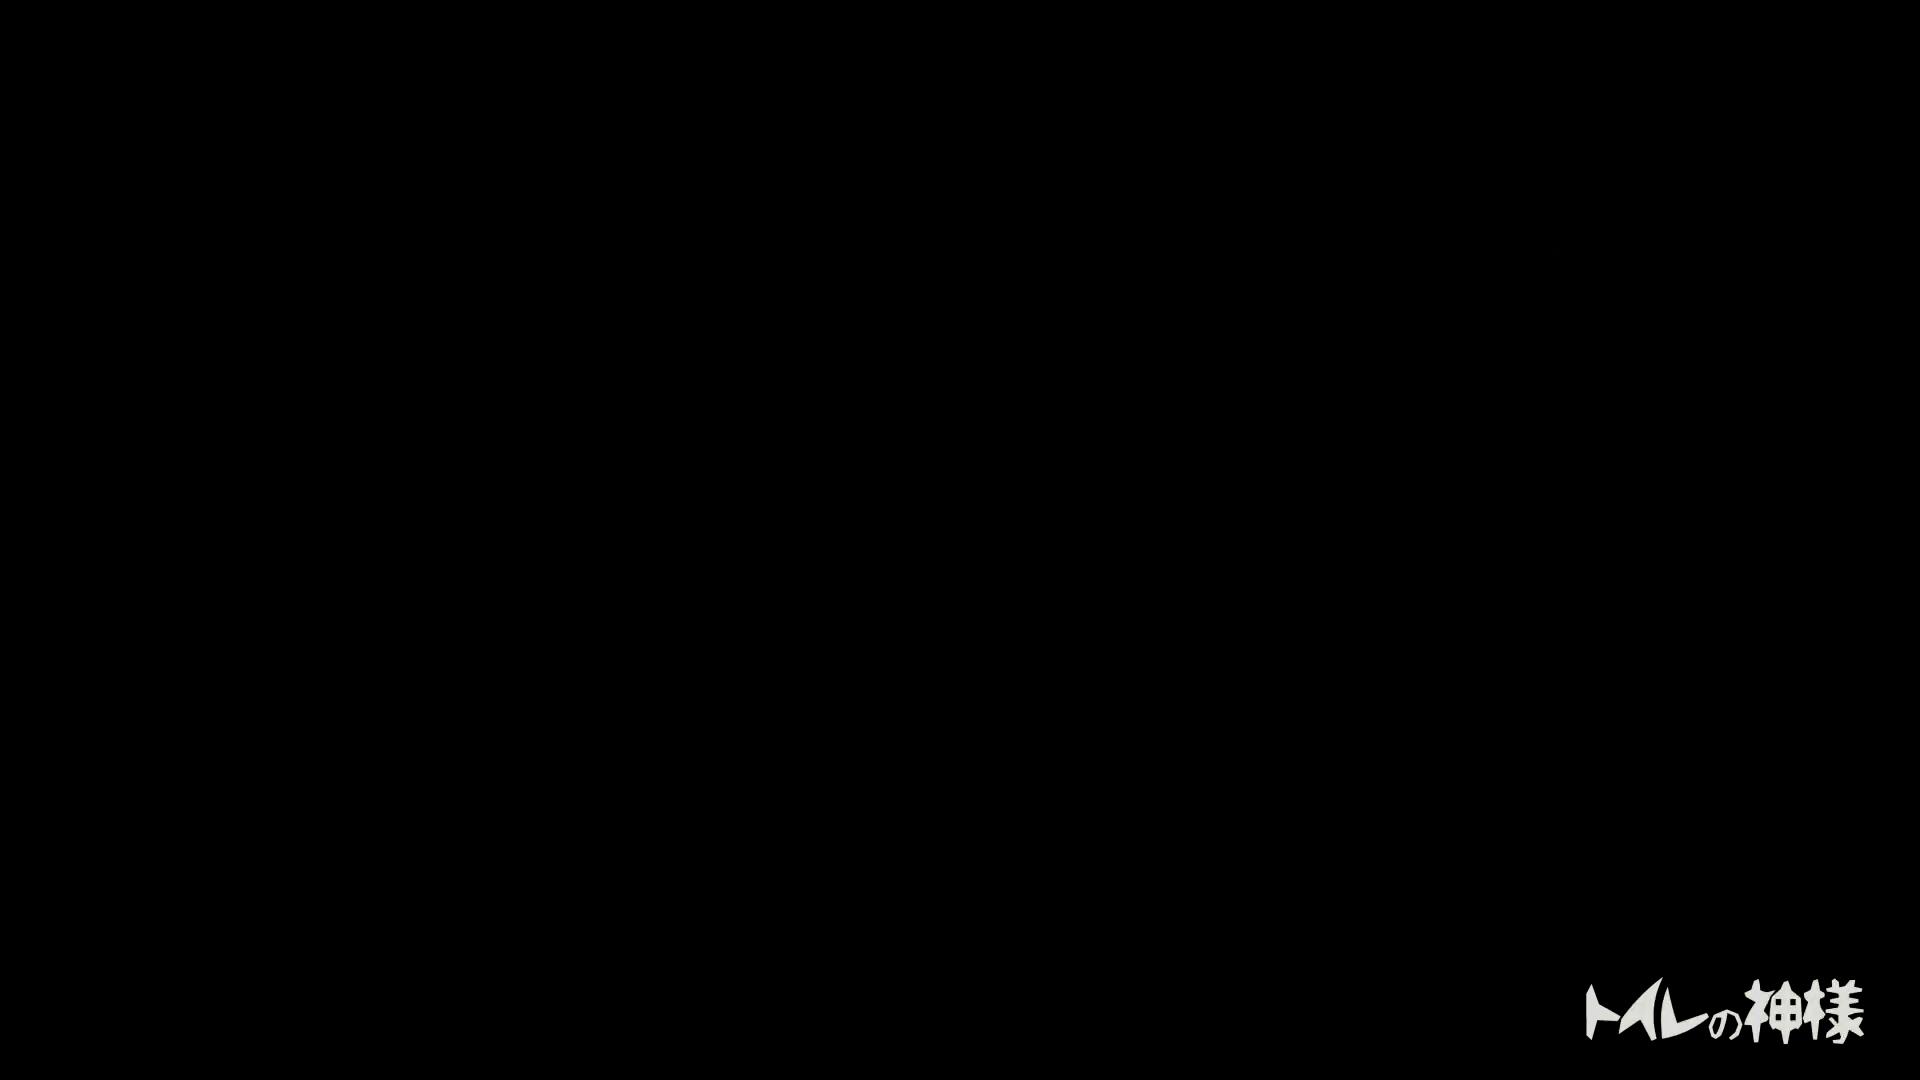 ▲2017_28位▲ ビアガーデン!美人が6人!トイレの神様 Vol.11 美人 オメコ動画キャプチャ 63pic 47